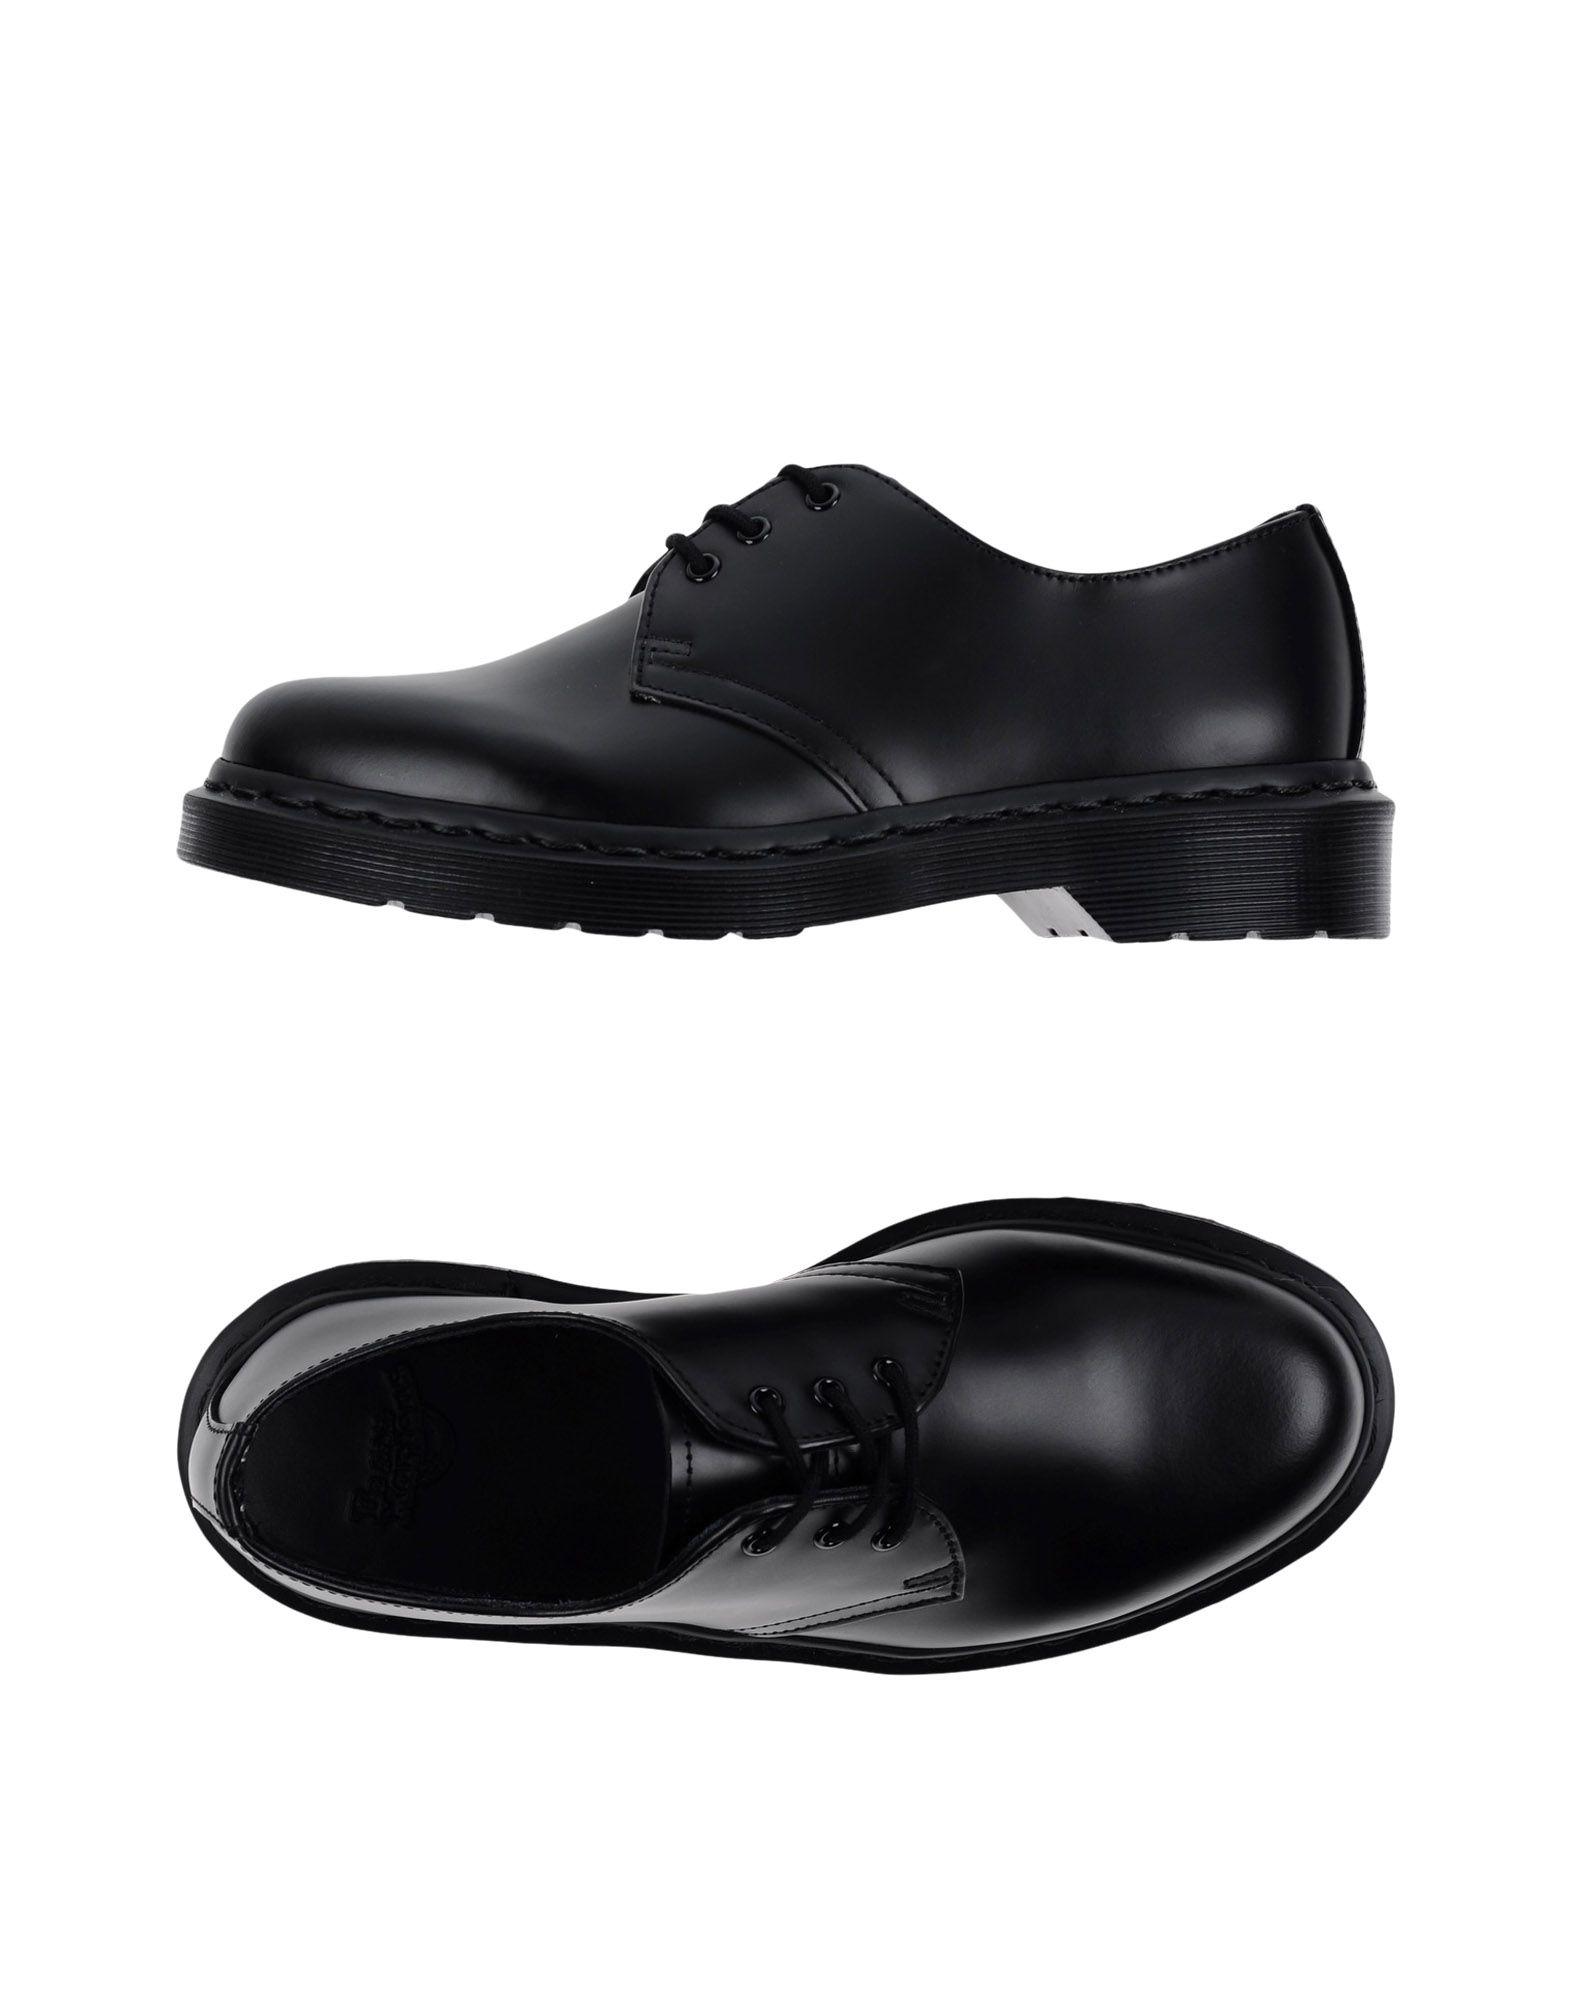 Gut Gut Gut um billige Schuhe zu tragenDr. Martens Schnürschuhe Damen  11252793JI 992e1b